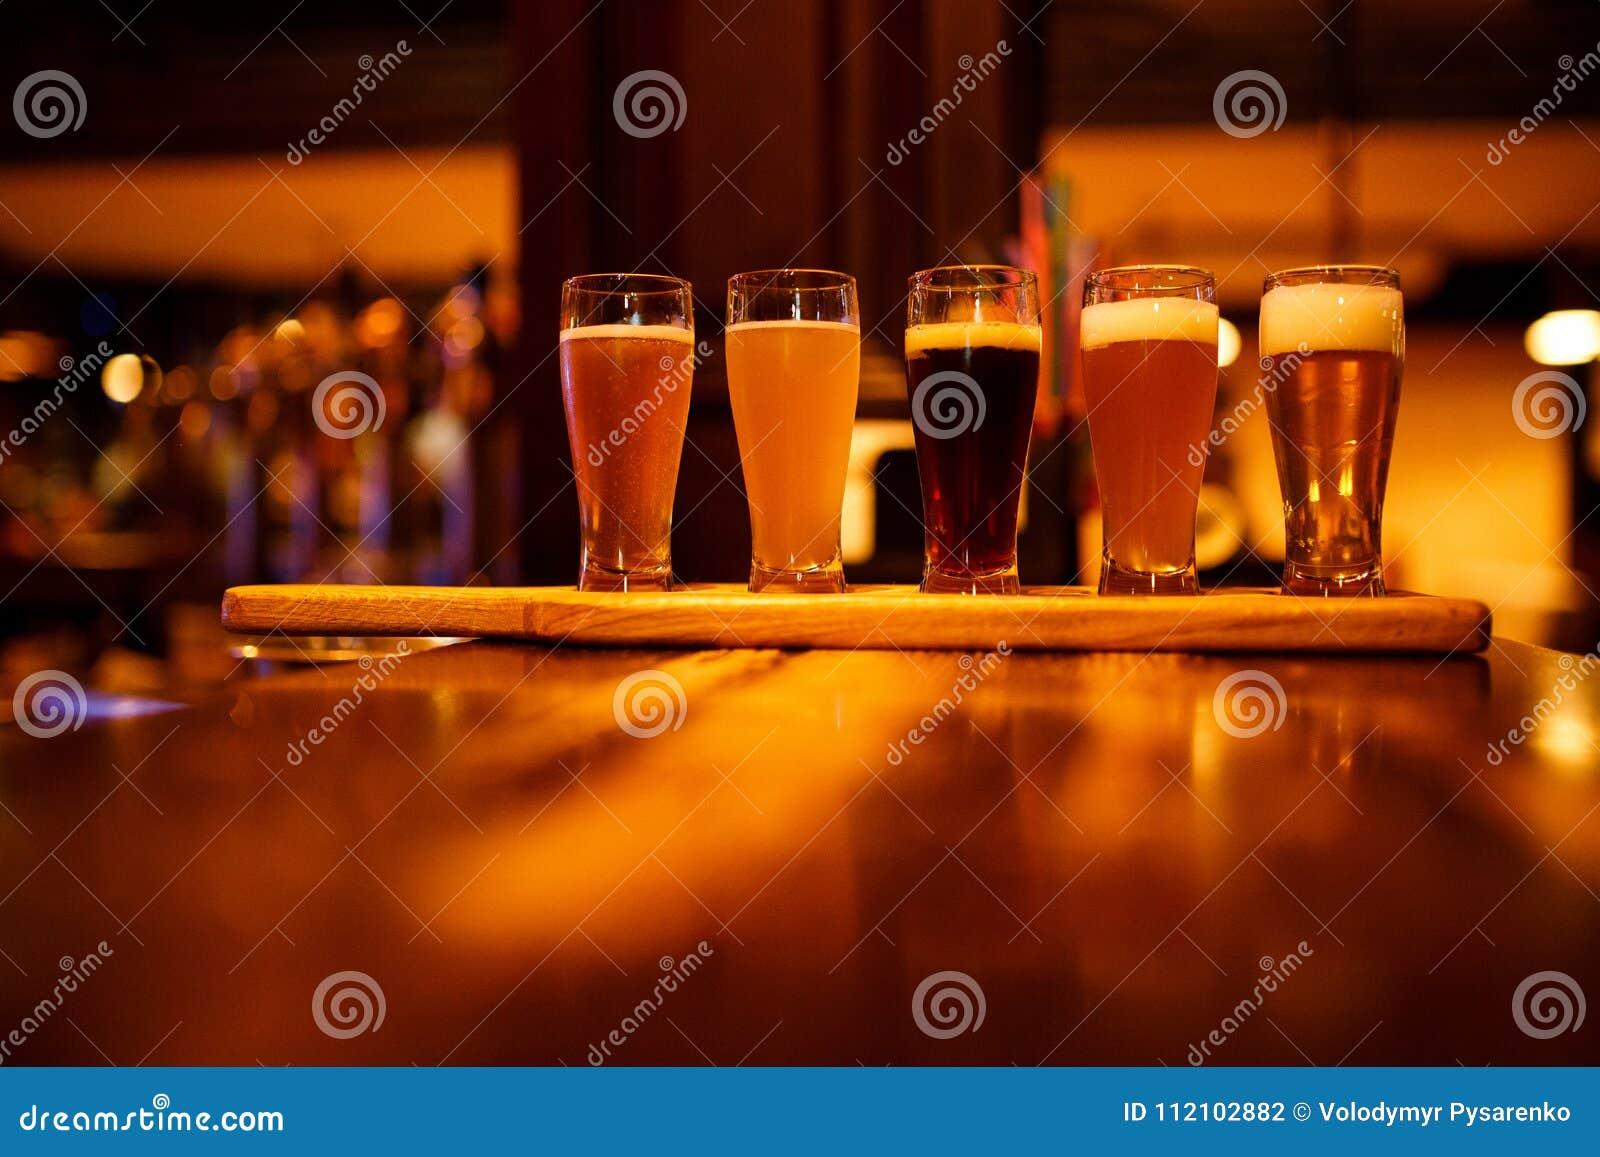 Olika typer av hantverköl i små exponeringsglas på en trätabell i en bar